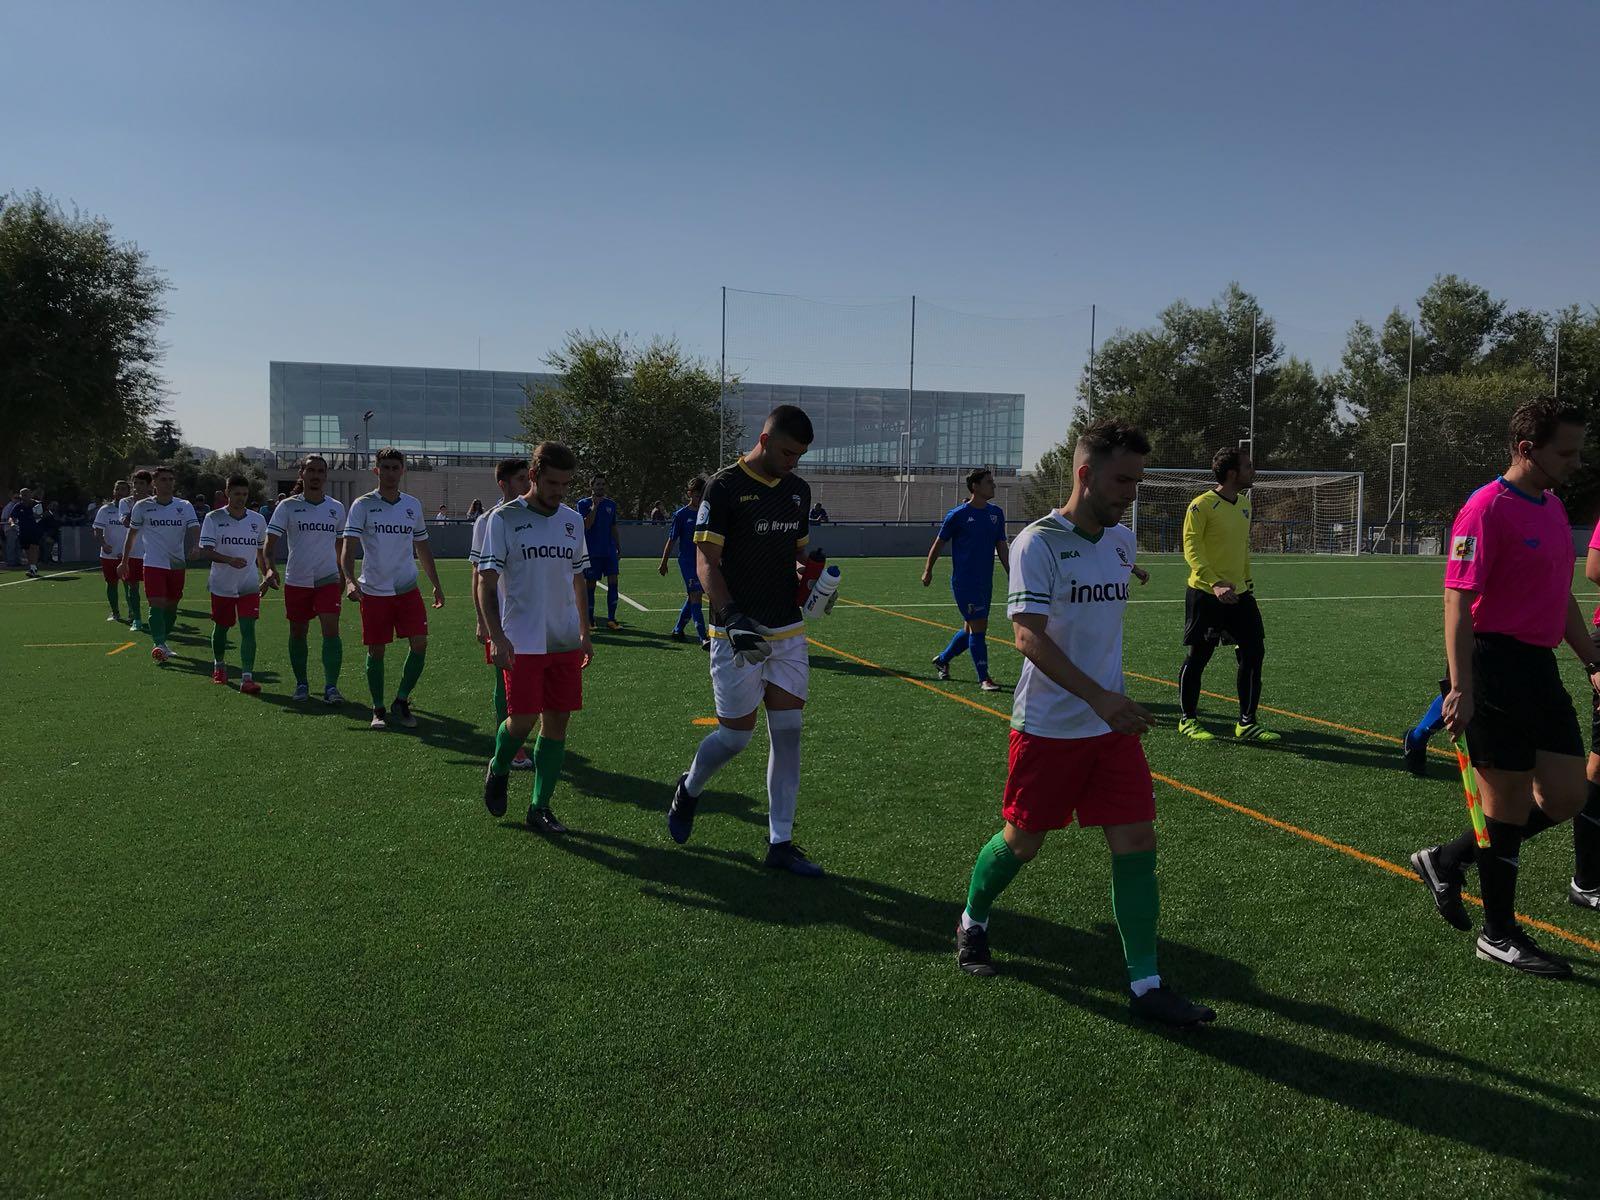 PREFERENTE/ El equipo trivalero no pudo conseguir los tres puntos de la jornada frente al Móstoles C.F.